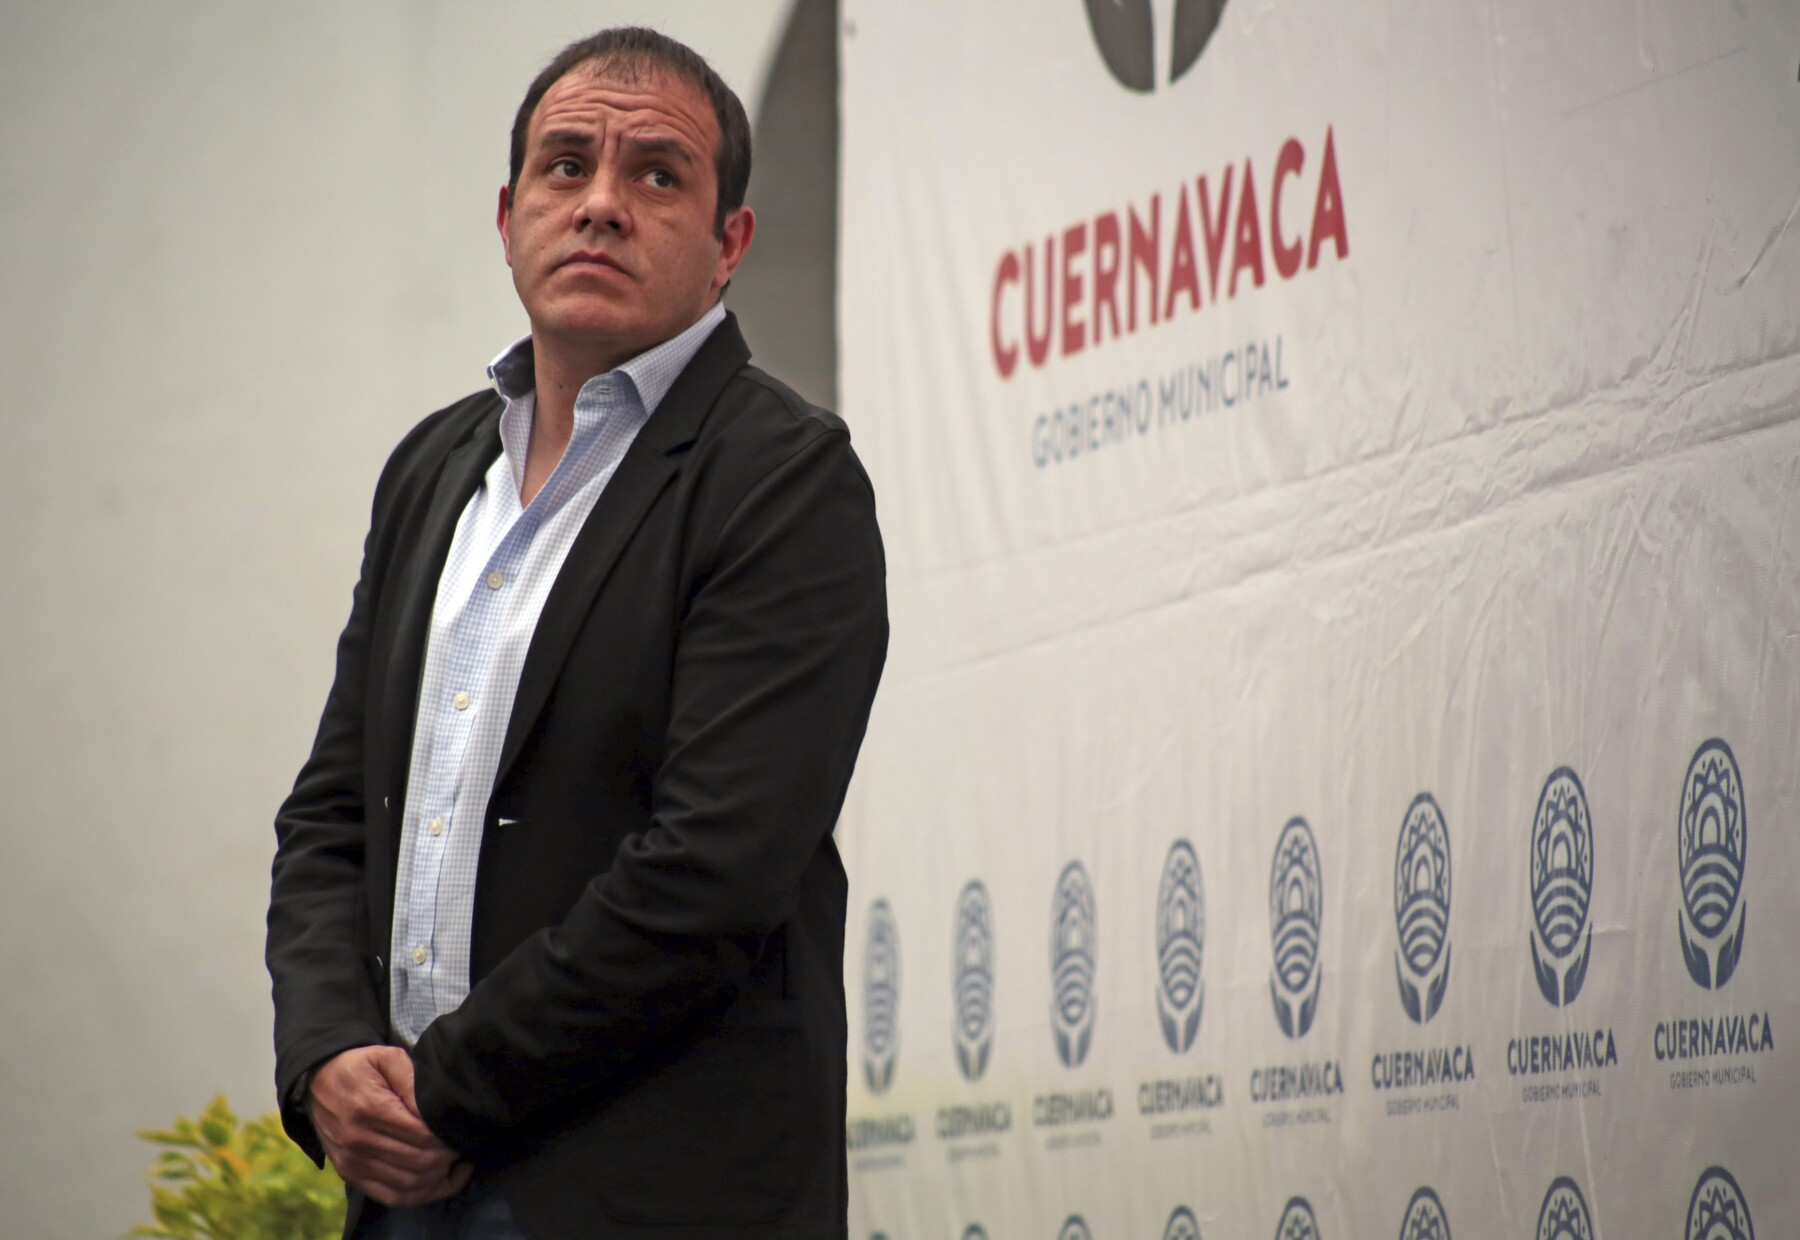 El gobernador Cuauhtémoc Blanco es denunciado por nepotismo en Morelos